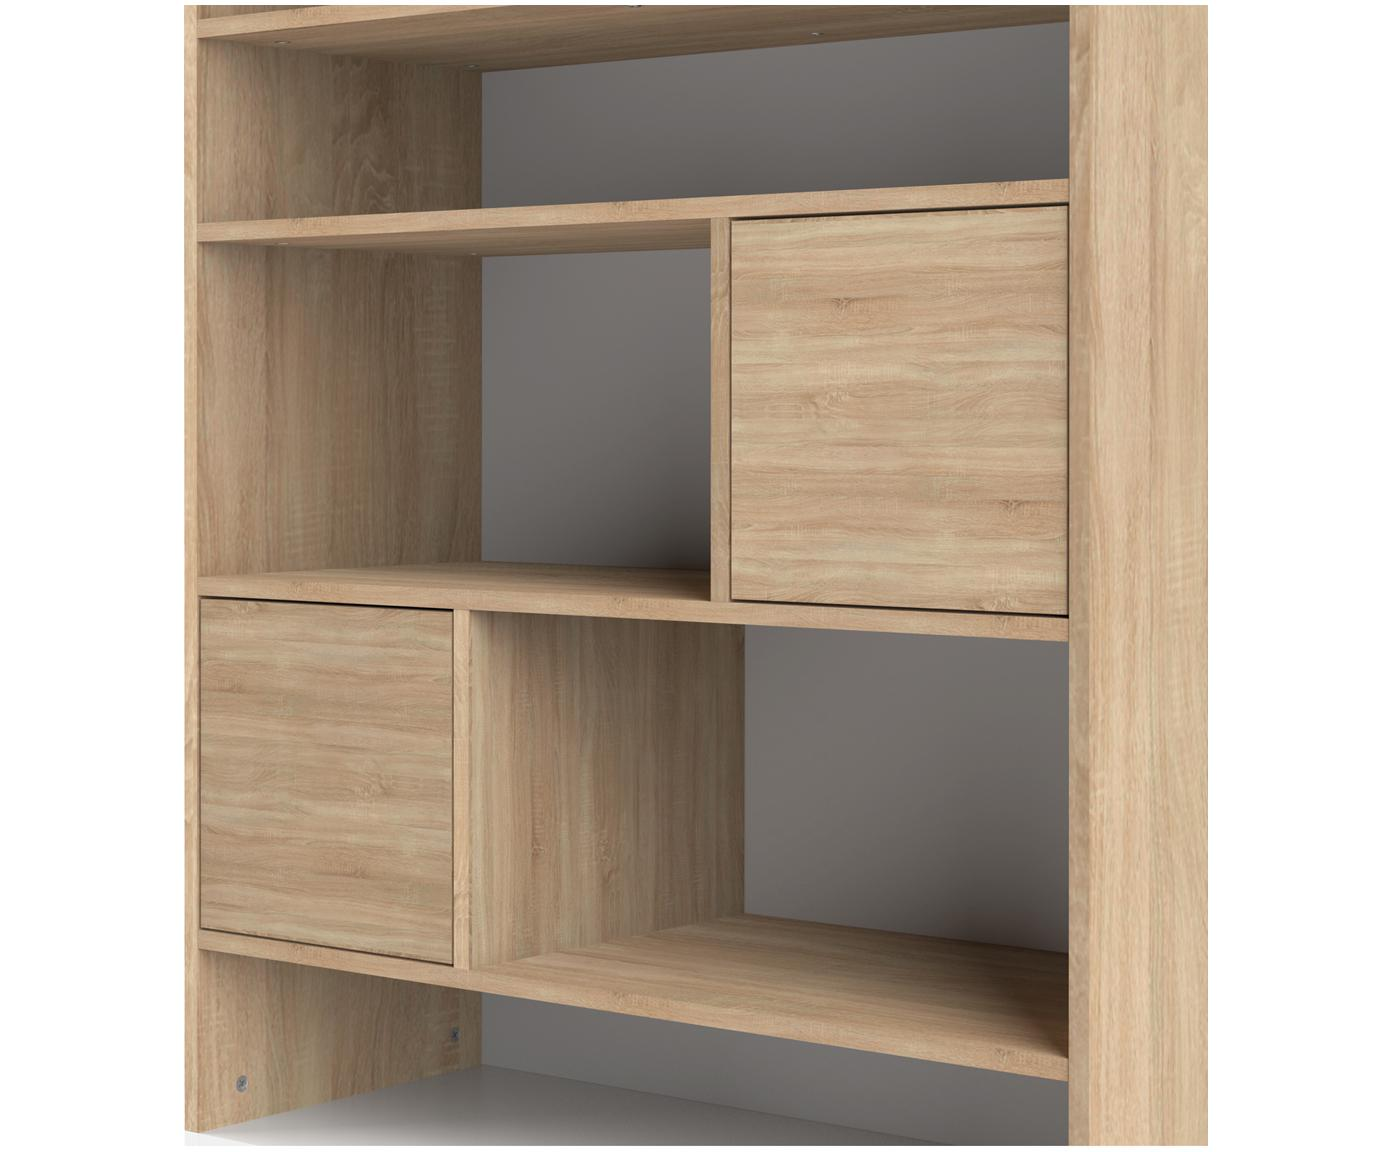 Regał scandi Horizon, Korpus: płyta wiórowa pokryta mel, Nogi: lite drewno bukowe, lakie, Drewno dębowe, biały, S 90 x W 180 cm